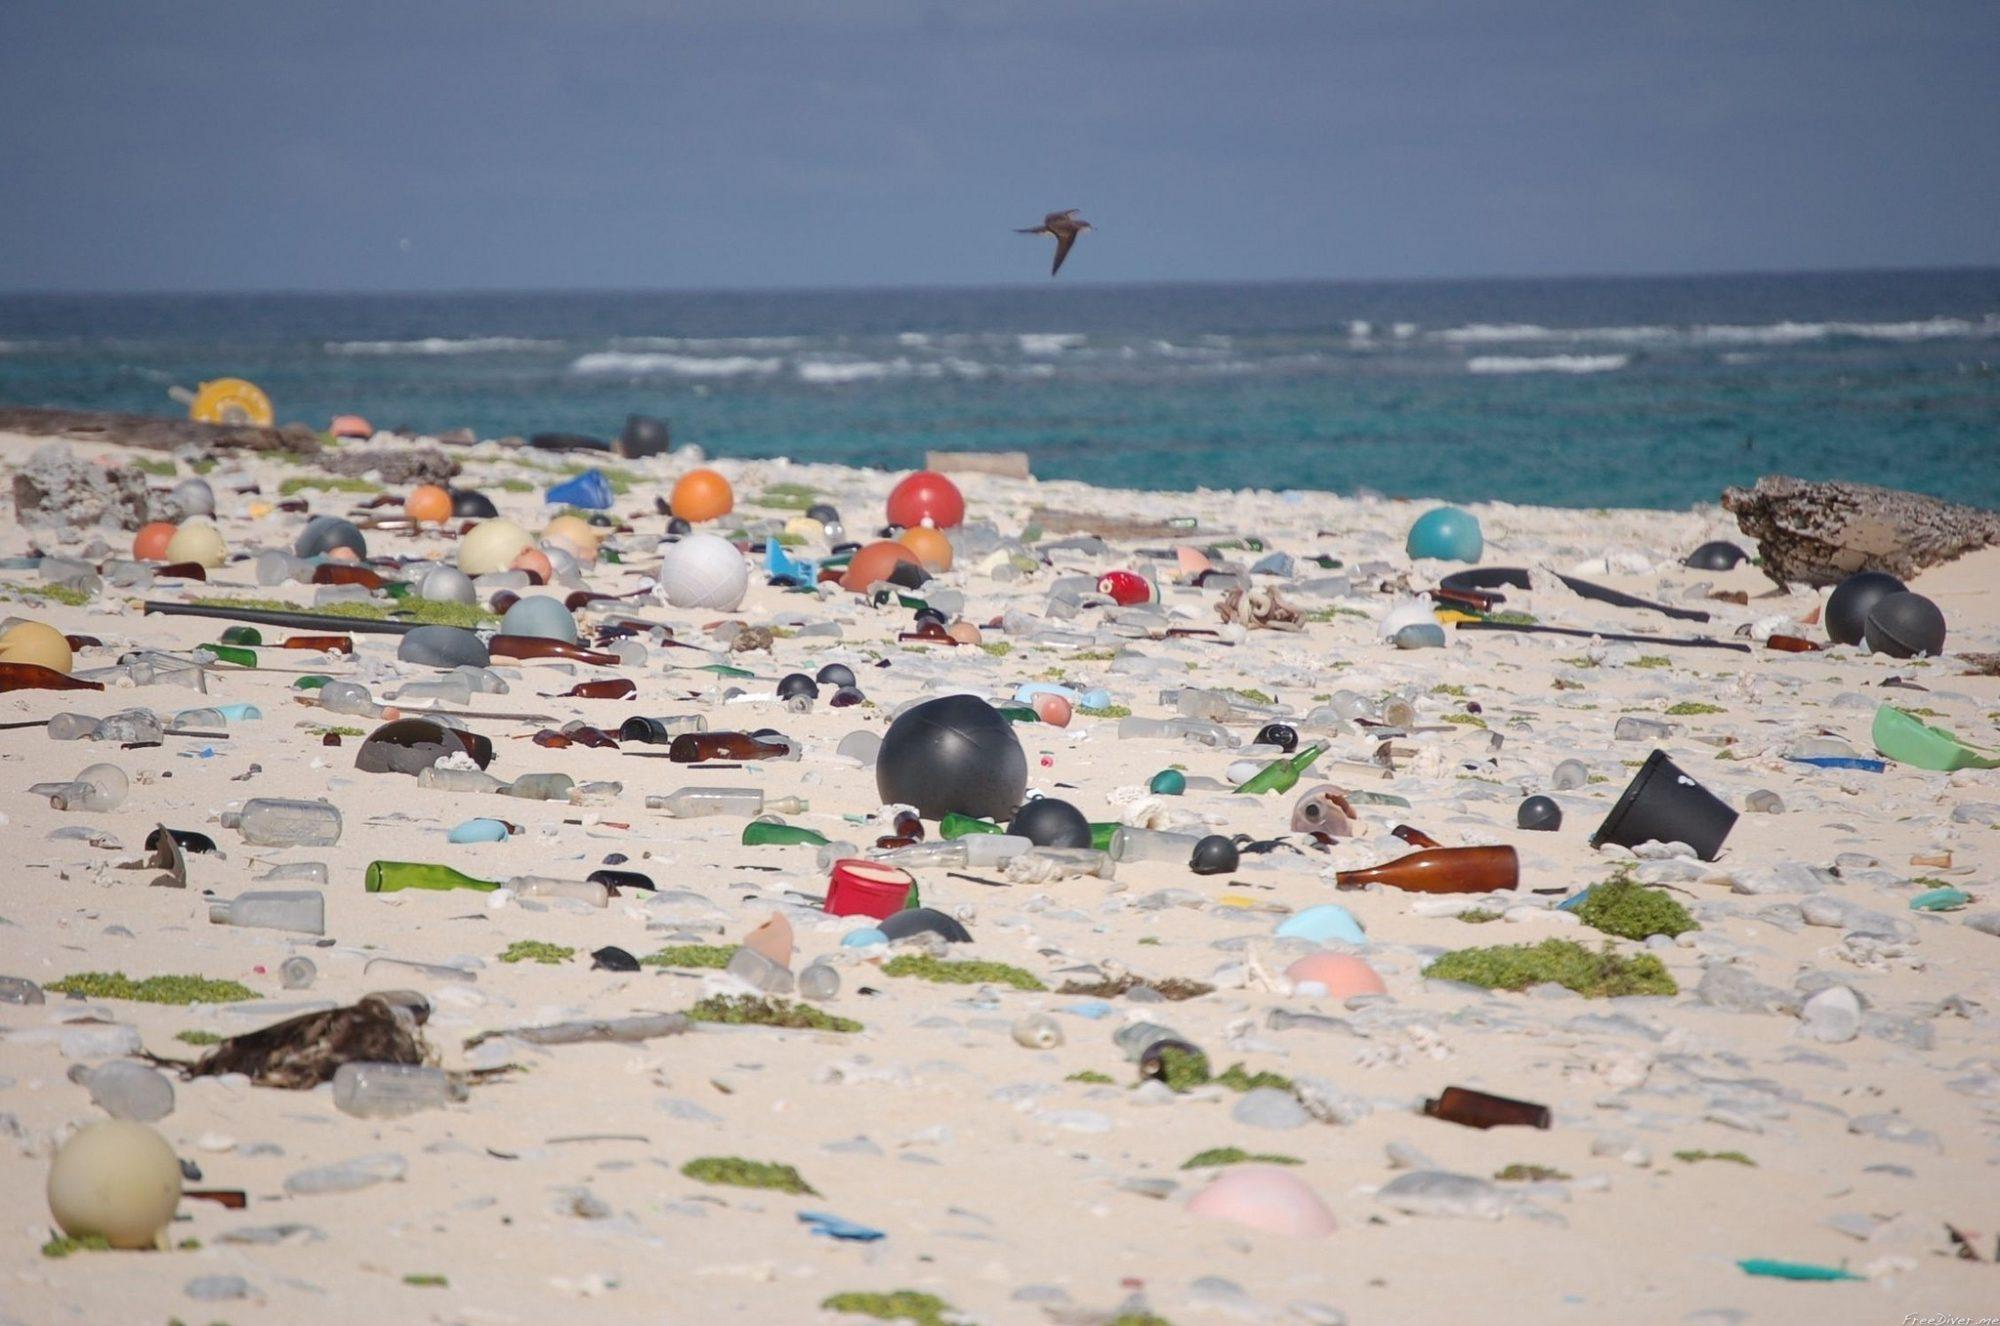 Що залишиться після нас? Недопалки, пластик, вантузи устилають пляжі світу в кінці сезону - сміття - 06 plyazh 2000x1326